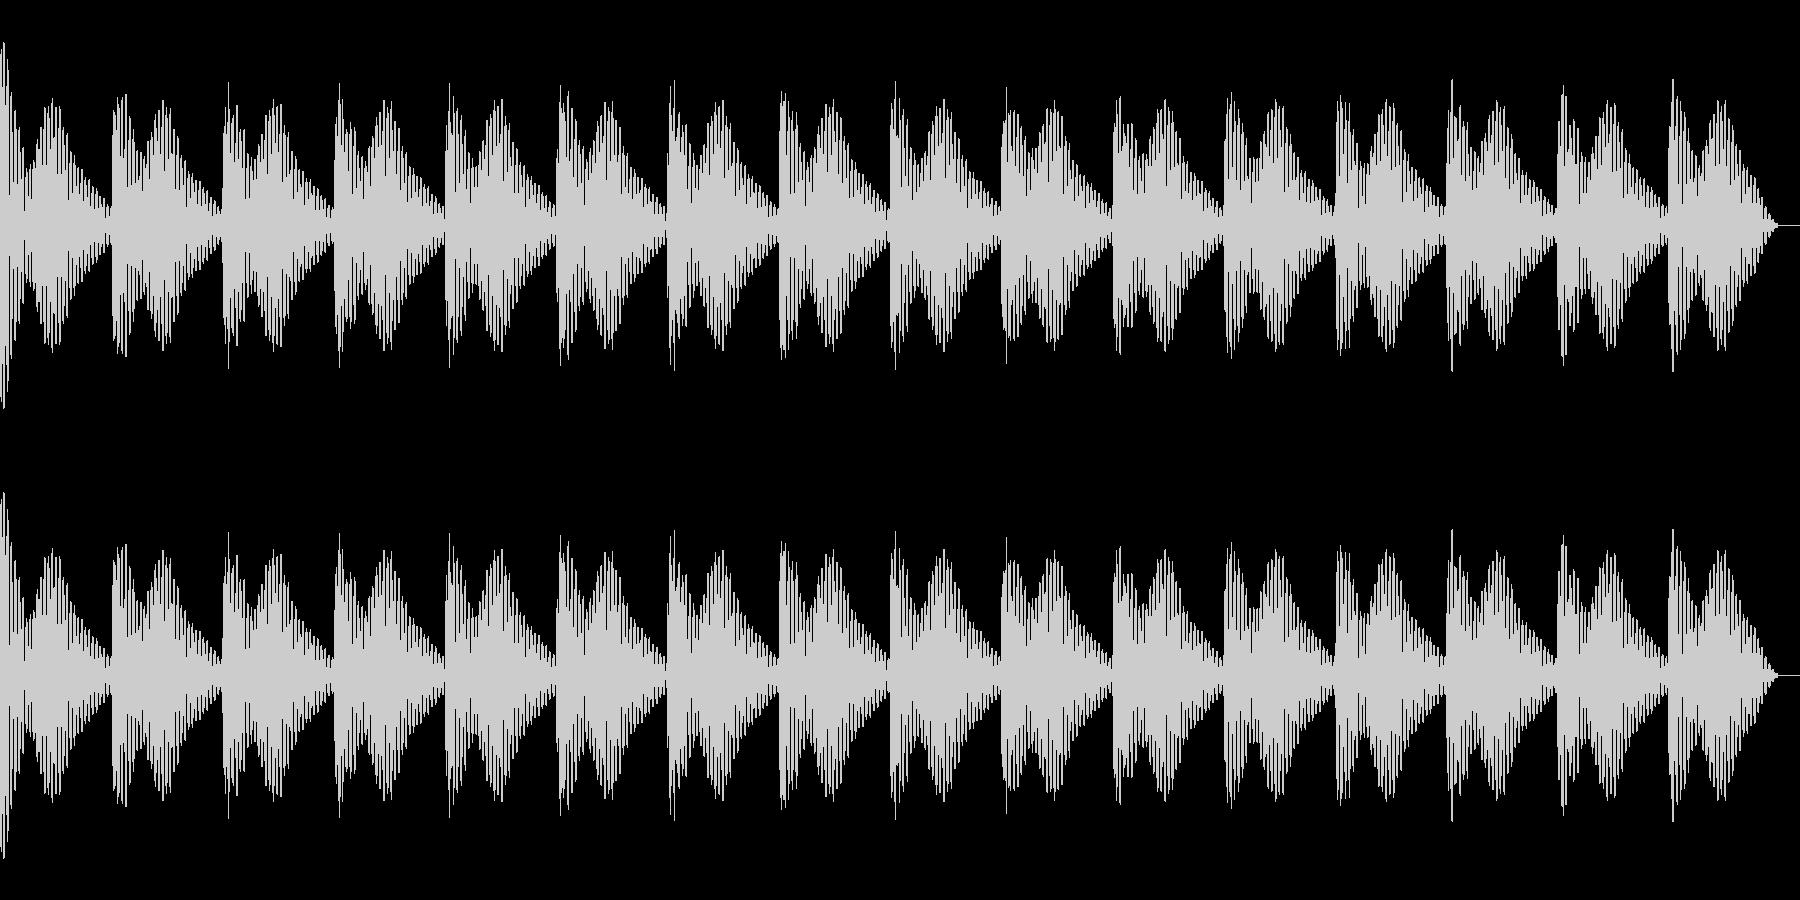 ドゥーン クラブ系サウンド向け キック の未再生の波形